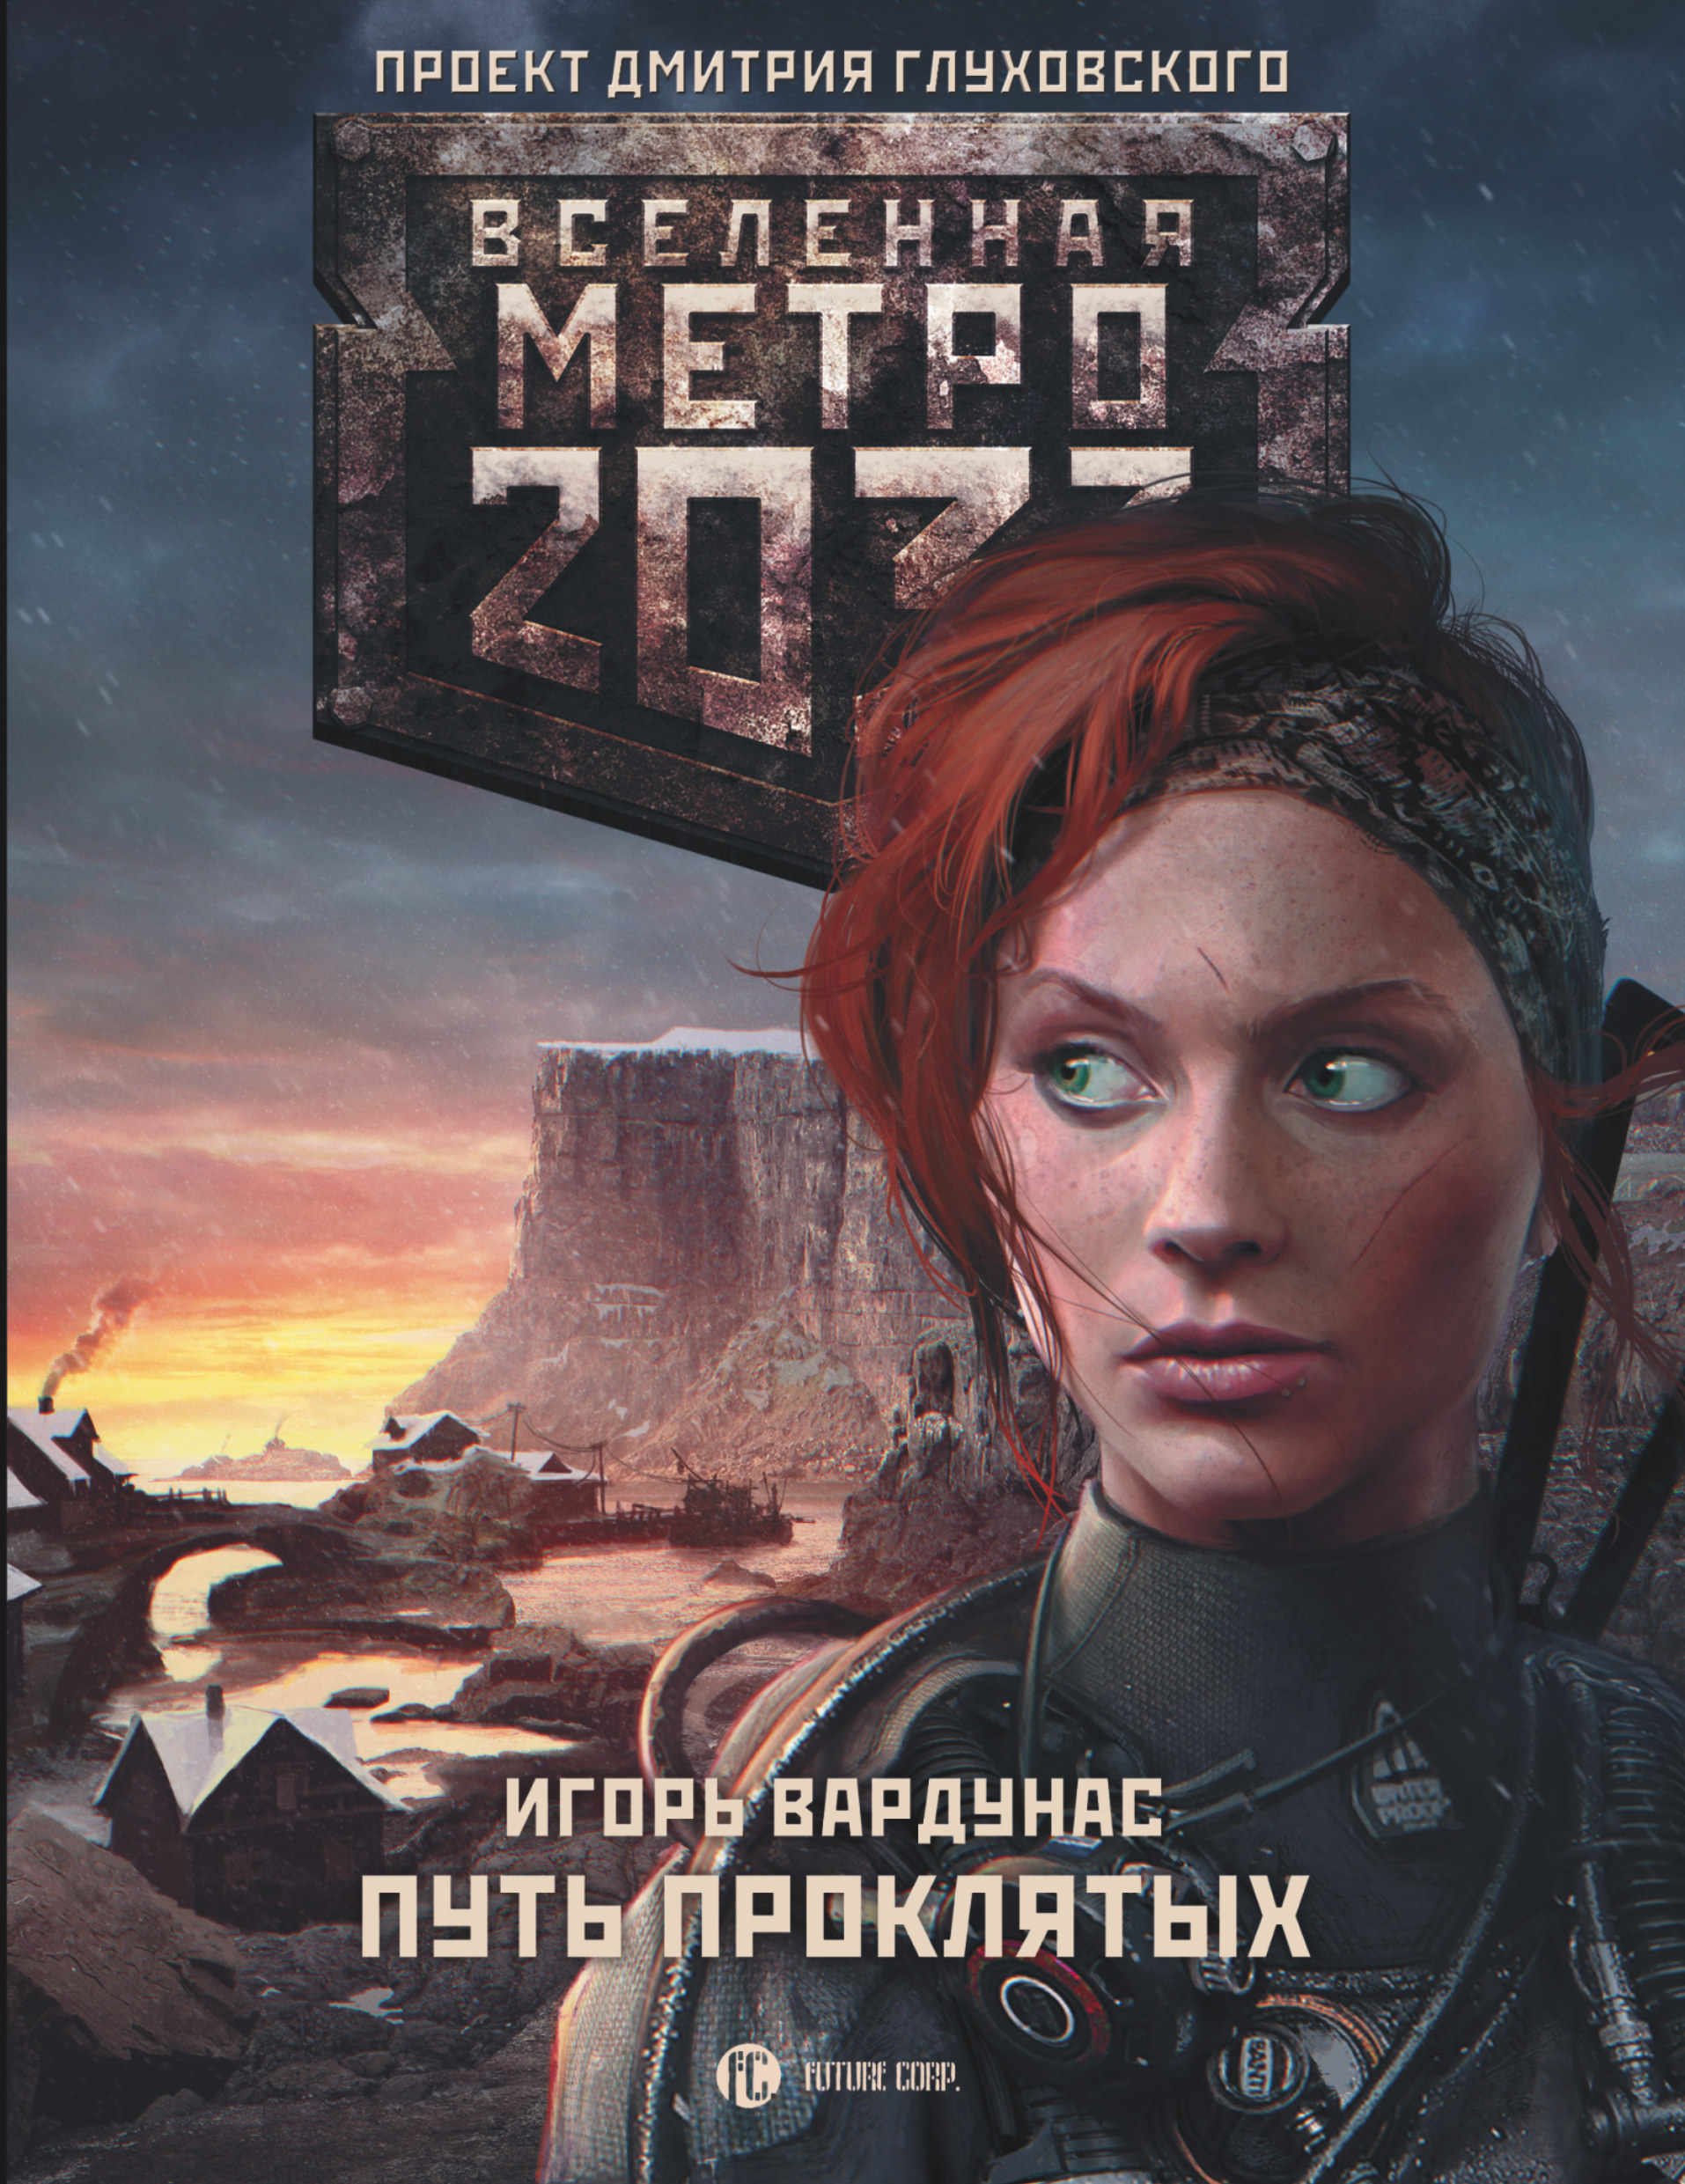 Вардунас И. Метро 2033: Путь проклятых харитонов ю в метро 2033 на краю пропасти